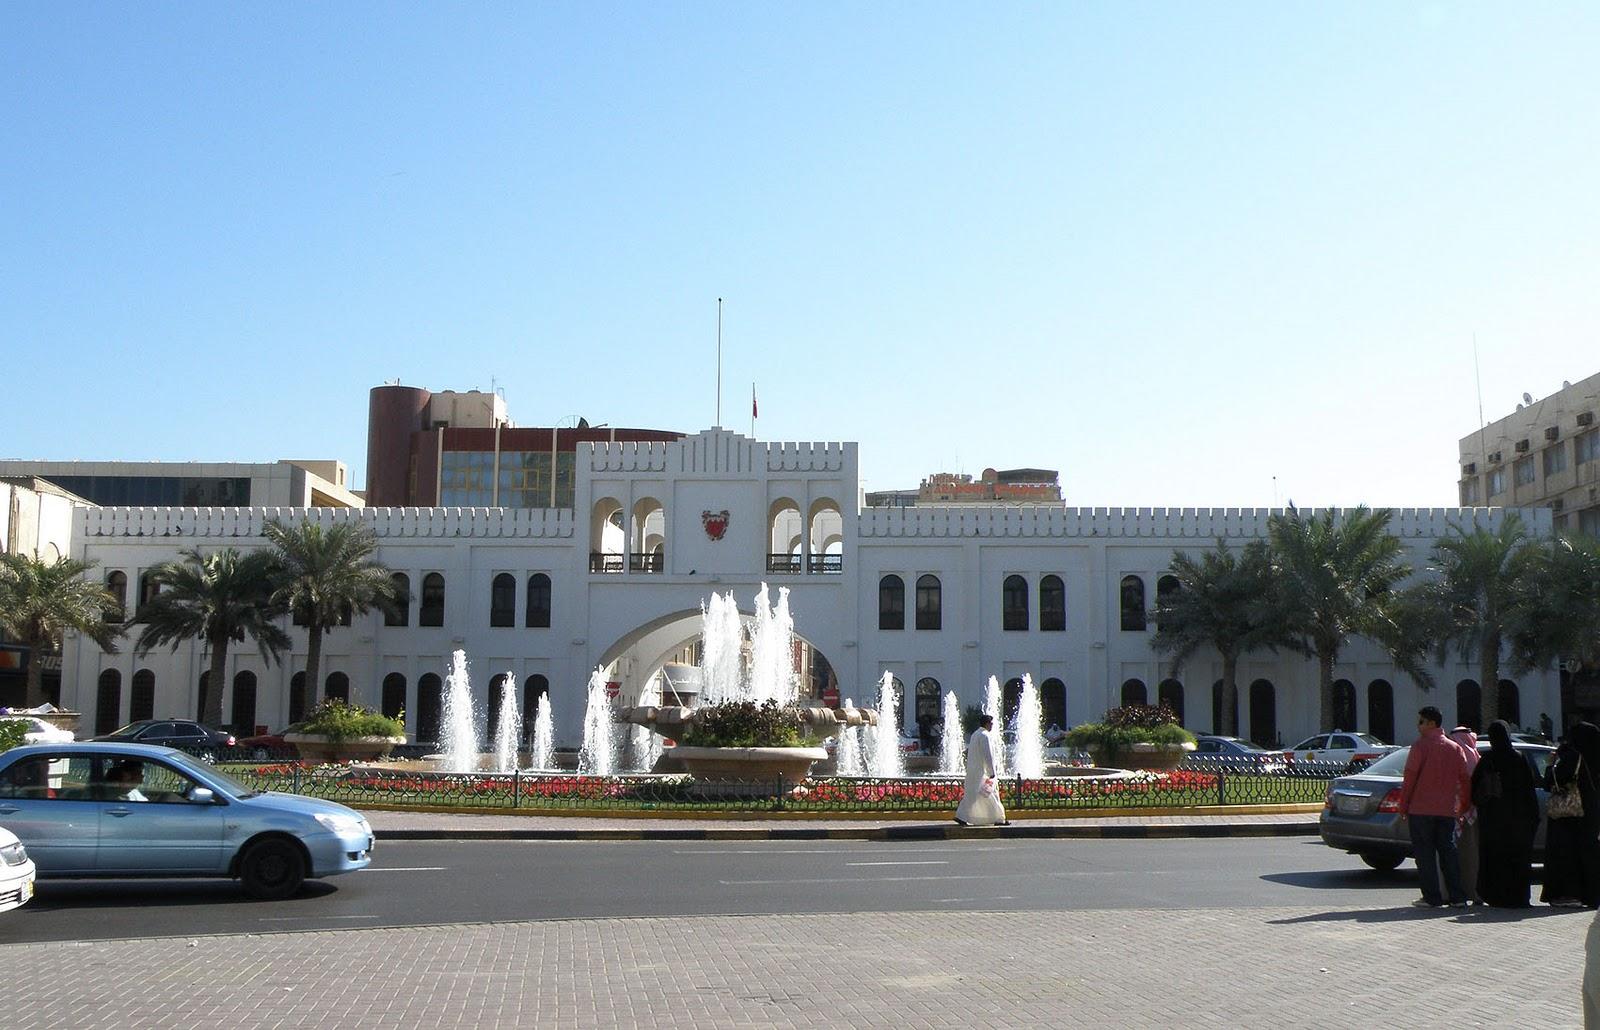 Gateway of Bahrain, Bahrain